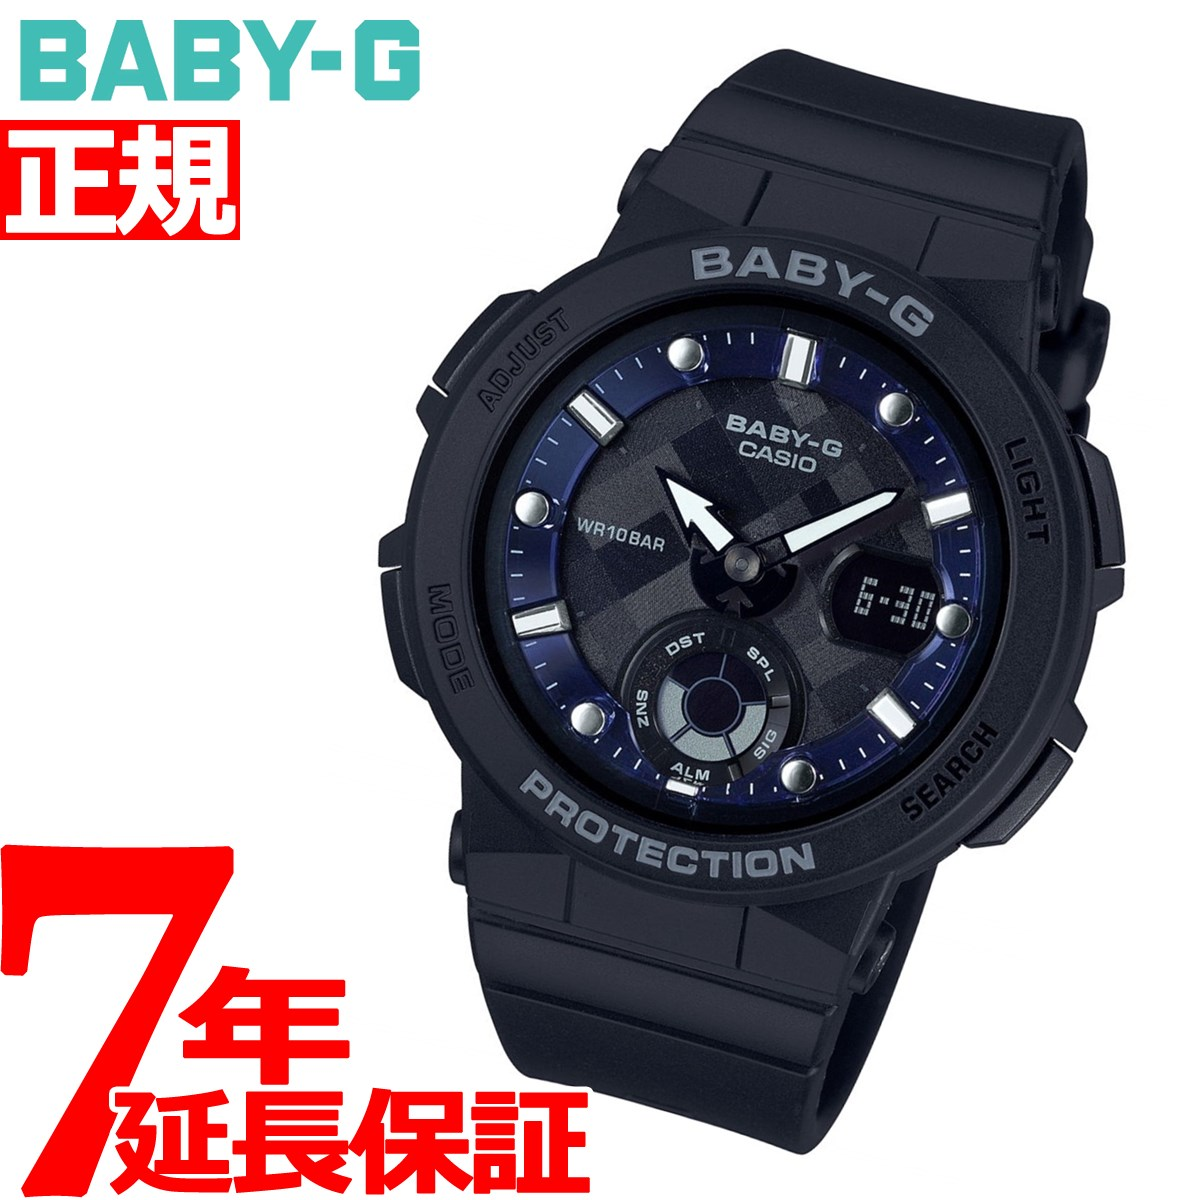 カシオ ベビーG CASIO BABY-G ブラック 腕時計 レディース Beach Traveler Series BGA-250-1AJF【2018 新作】